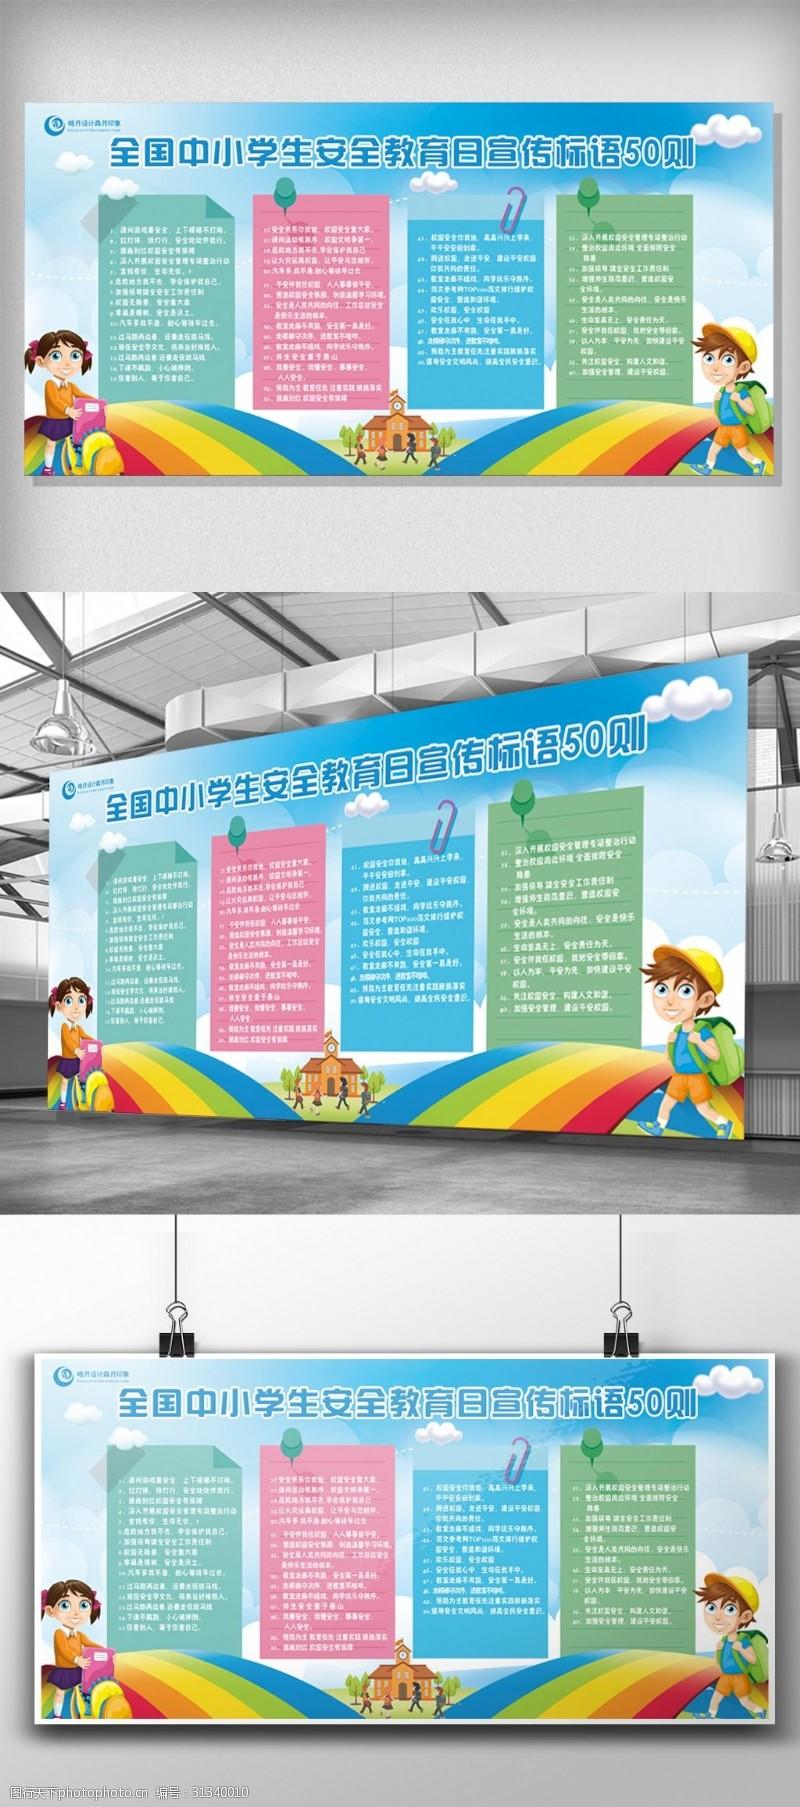 全国中小学生安全教育日宣传展板模板